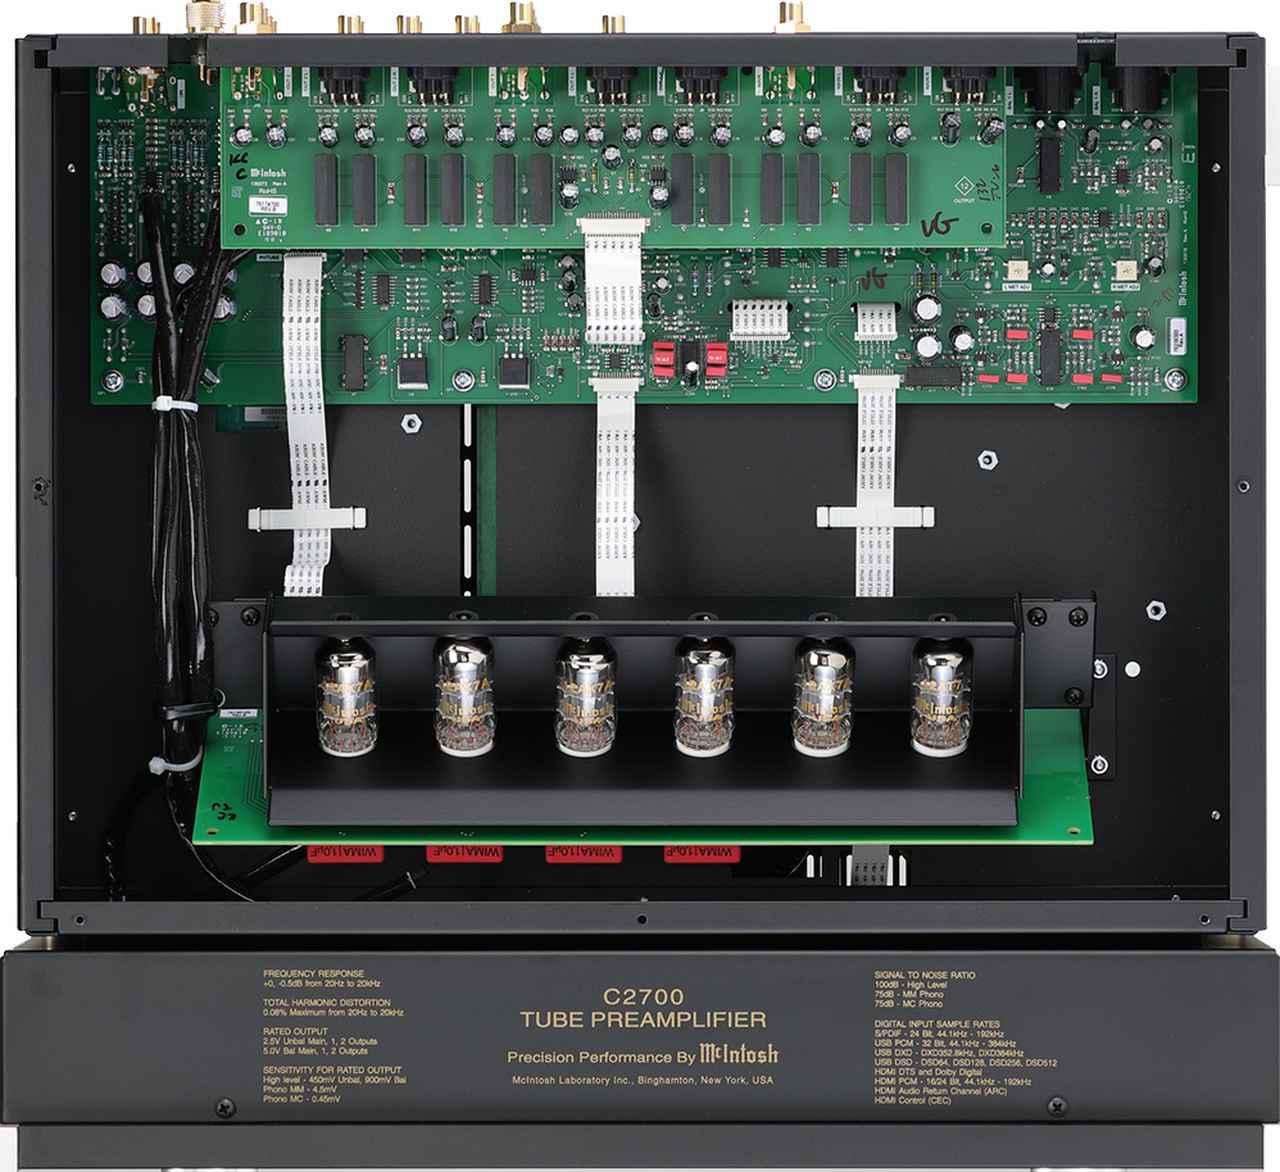 画像: 天板を外して内部を見る。MM入力とMC入力の左右chを各2本の12AX7A、バランス/アンバランス入力部を1本の12AX7Aで構成。12AT7は出力回路を構成する。アナログ回路とデジタル回路を分離して相互干渉を防いでいる。